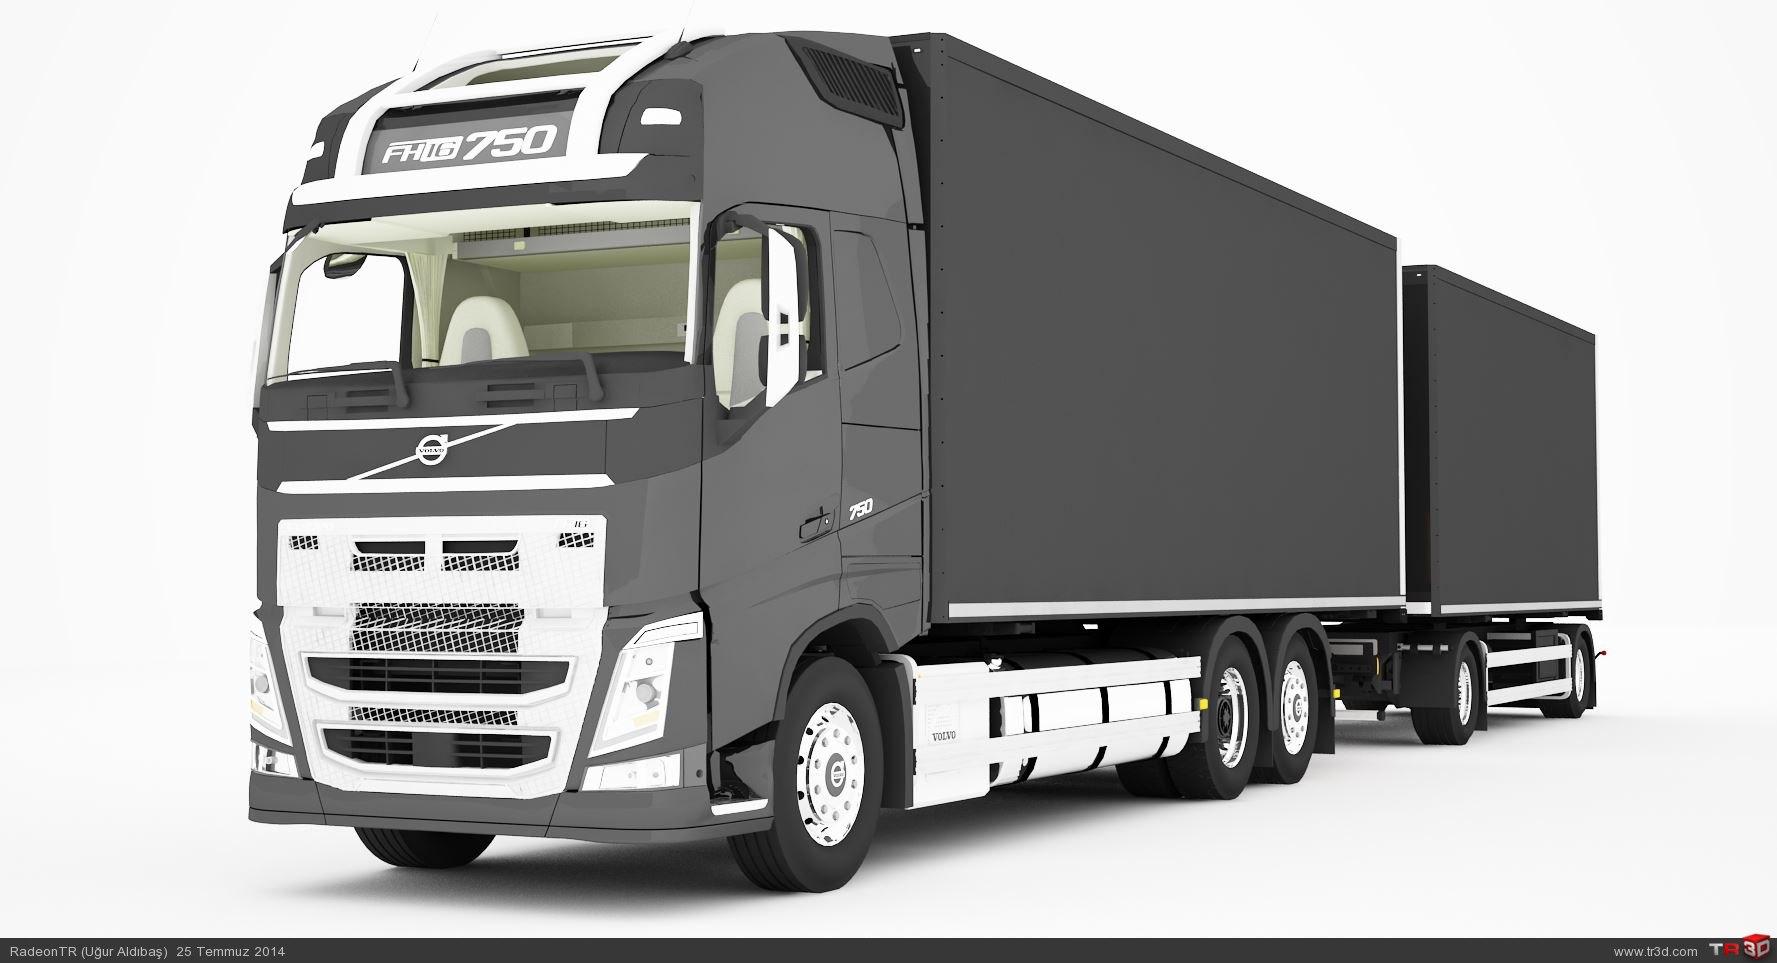 Volvo FH15 750 + Römork